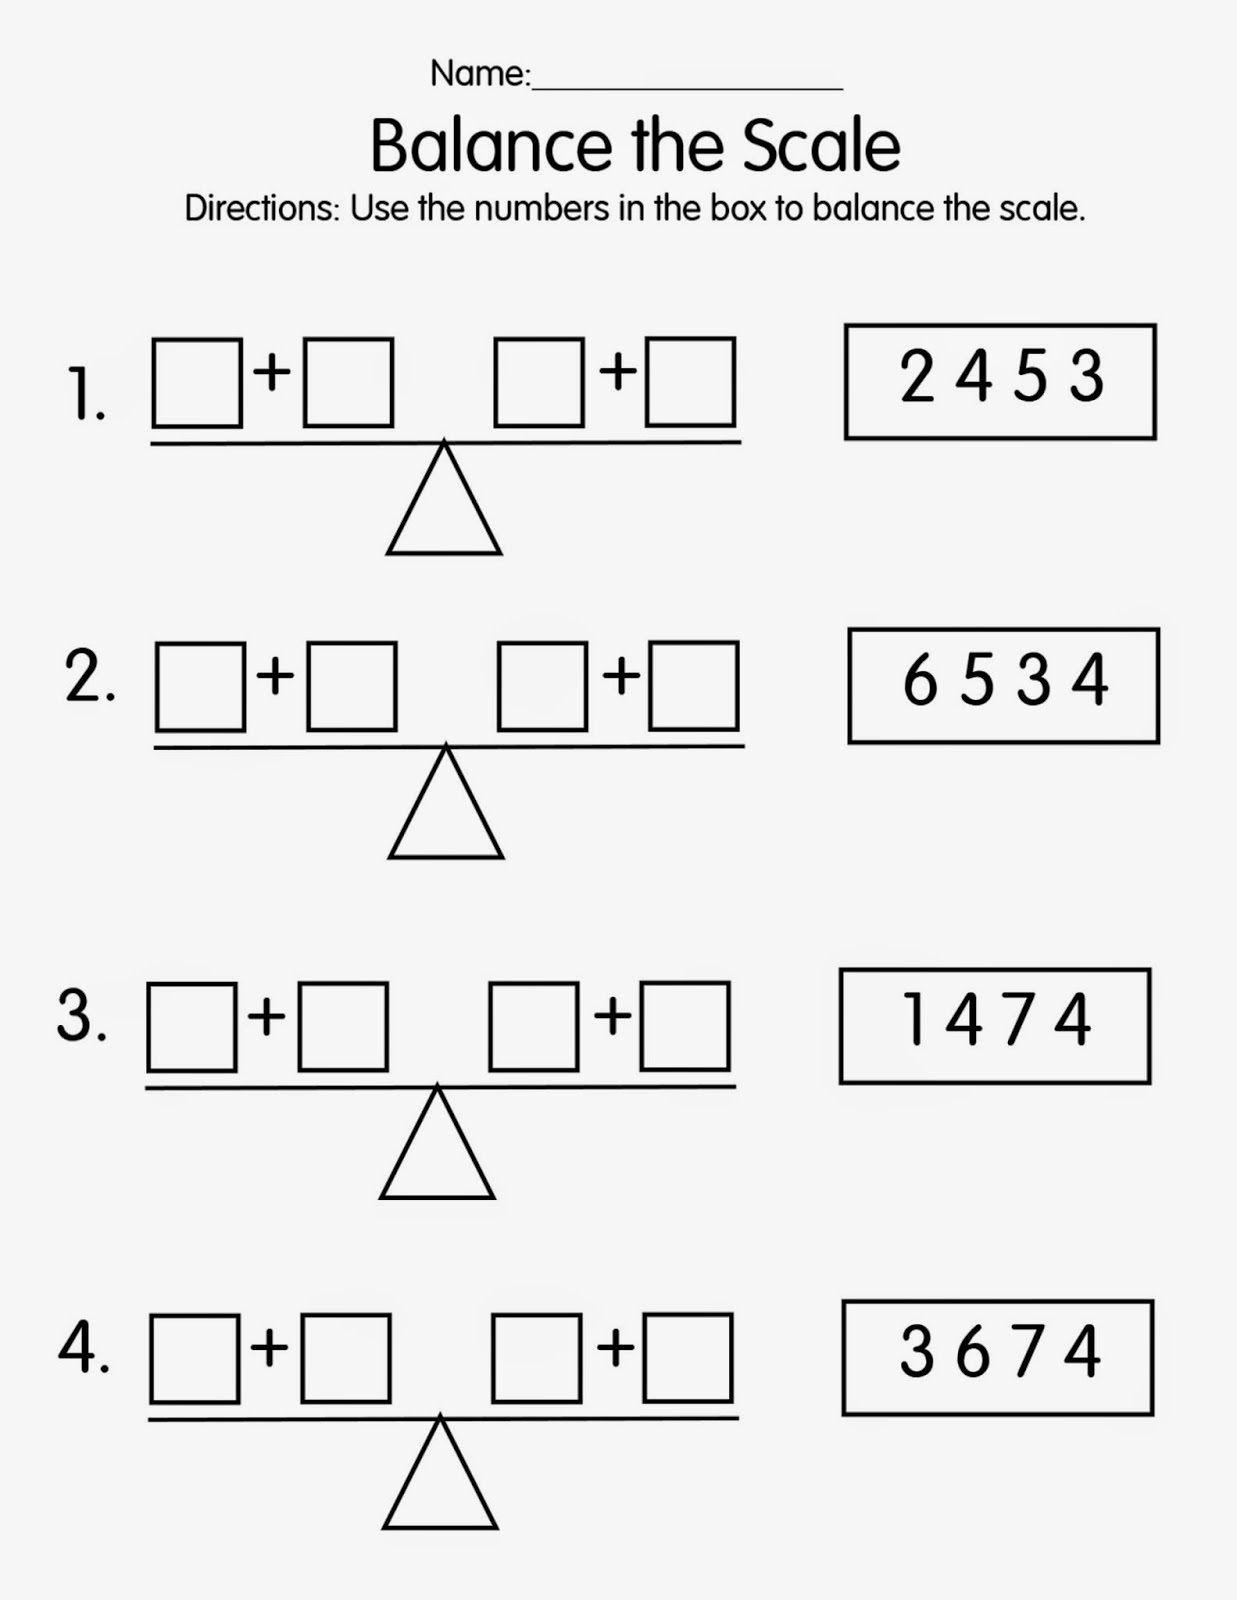 worksheet Balancing Worksheet 1 balance scale worksheets for children activity shelter math shelter